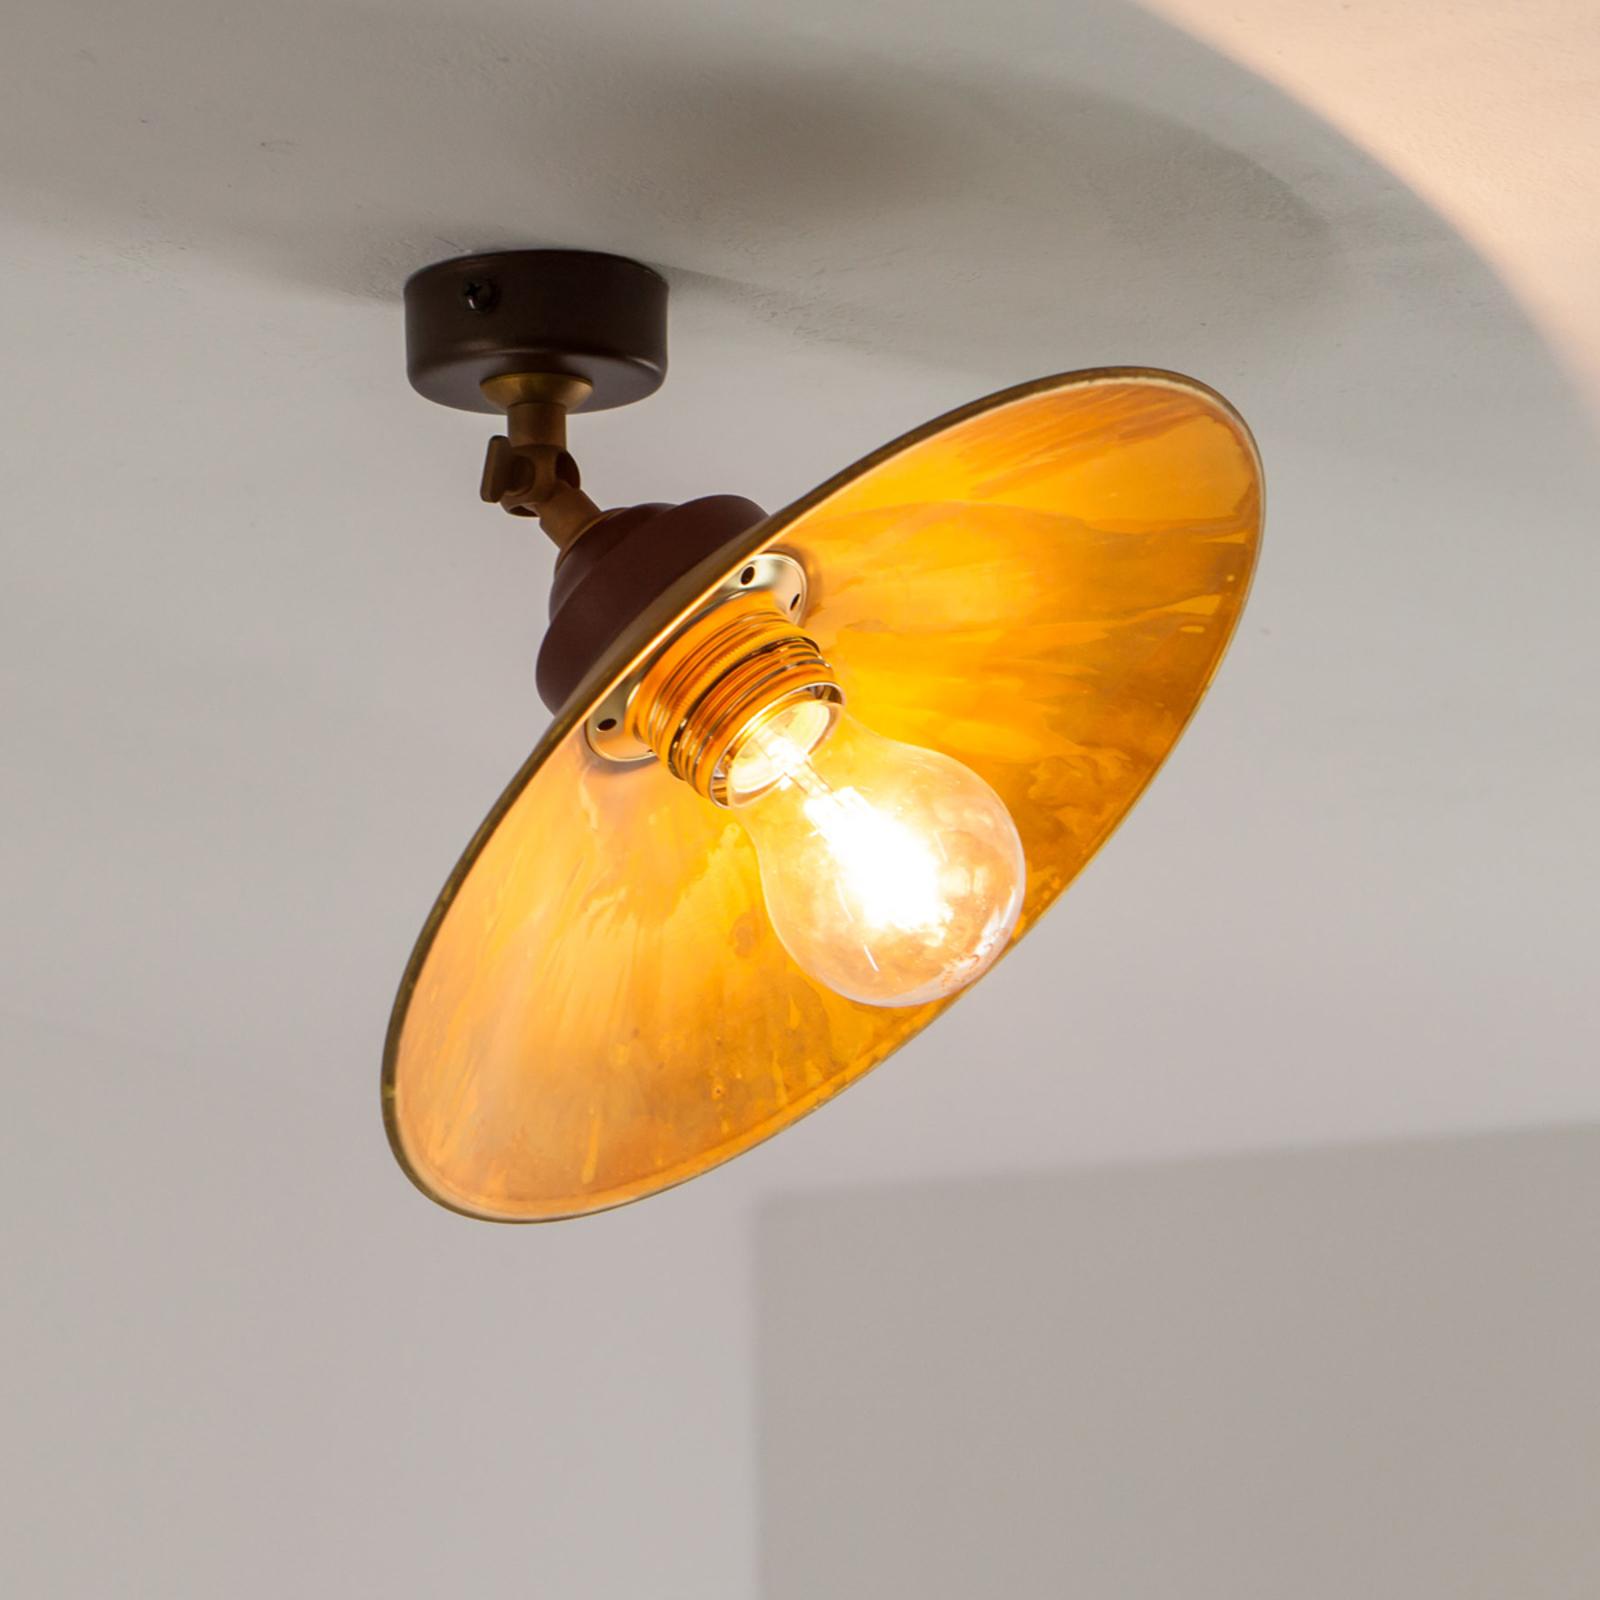 Lampa sufitowa RUA z oksydowanego mosiądzu